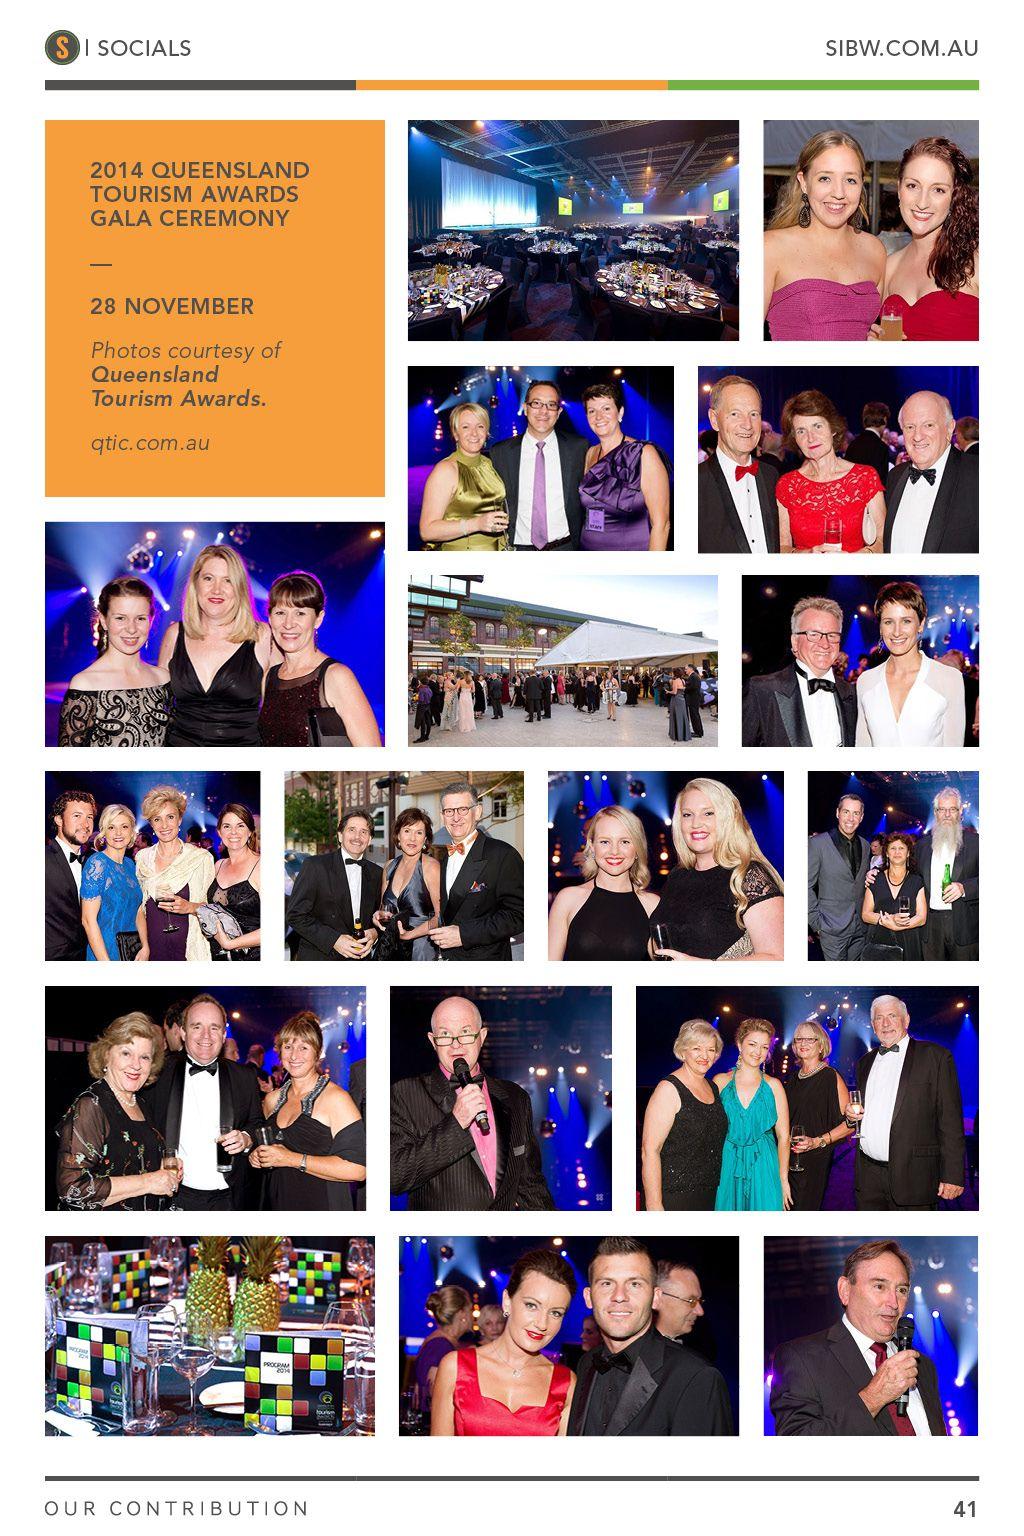 2014 Queensland Tourism Awards Gala Ceremony. SIBW Issue#3.